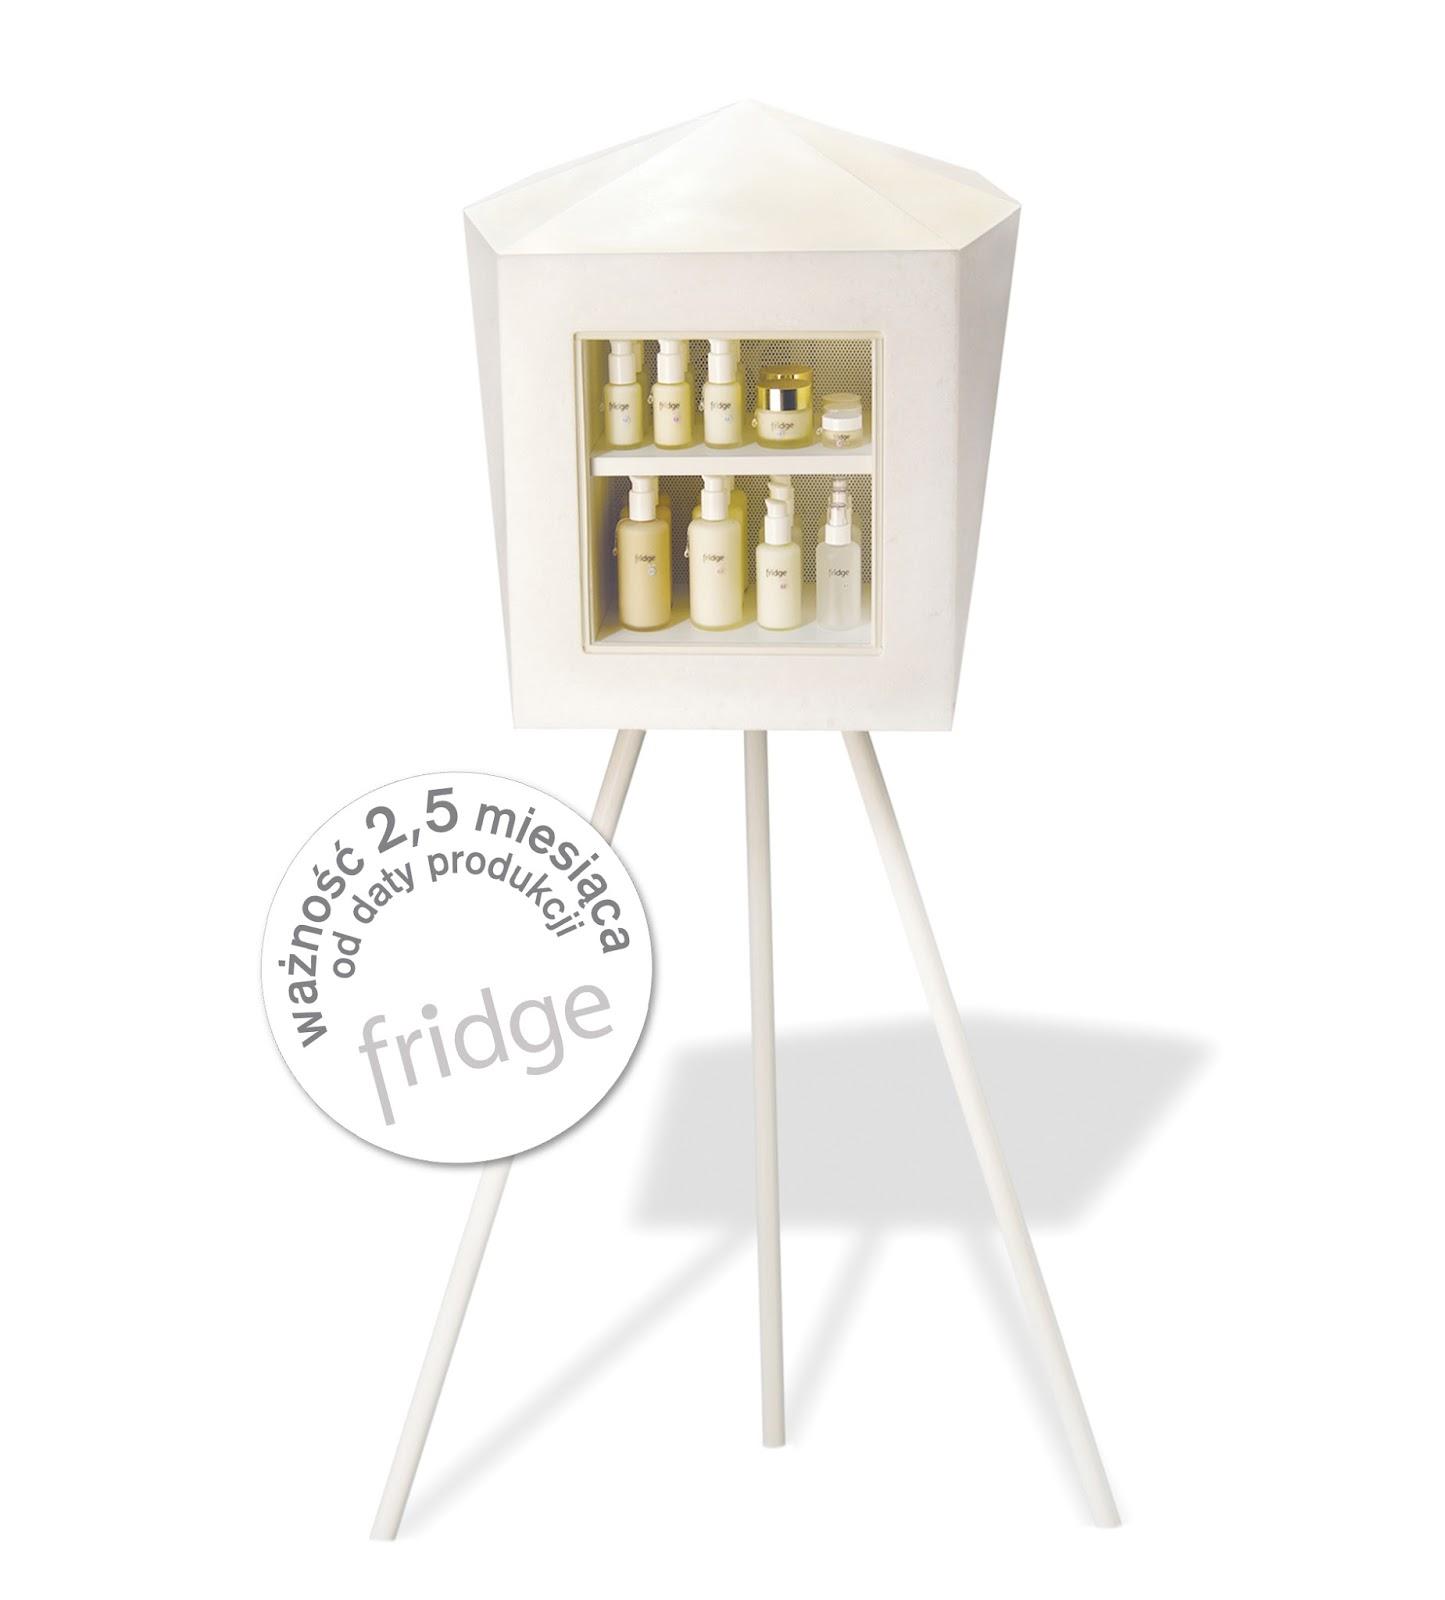 http://www.fridge.pl/10-powodow-by-pokochac-fridge